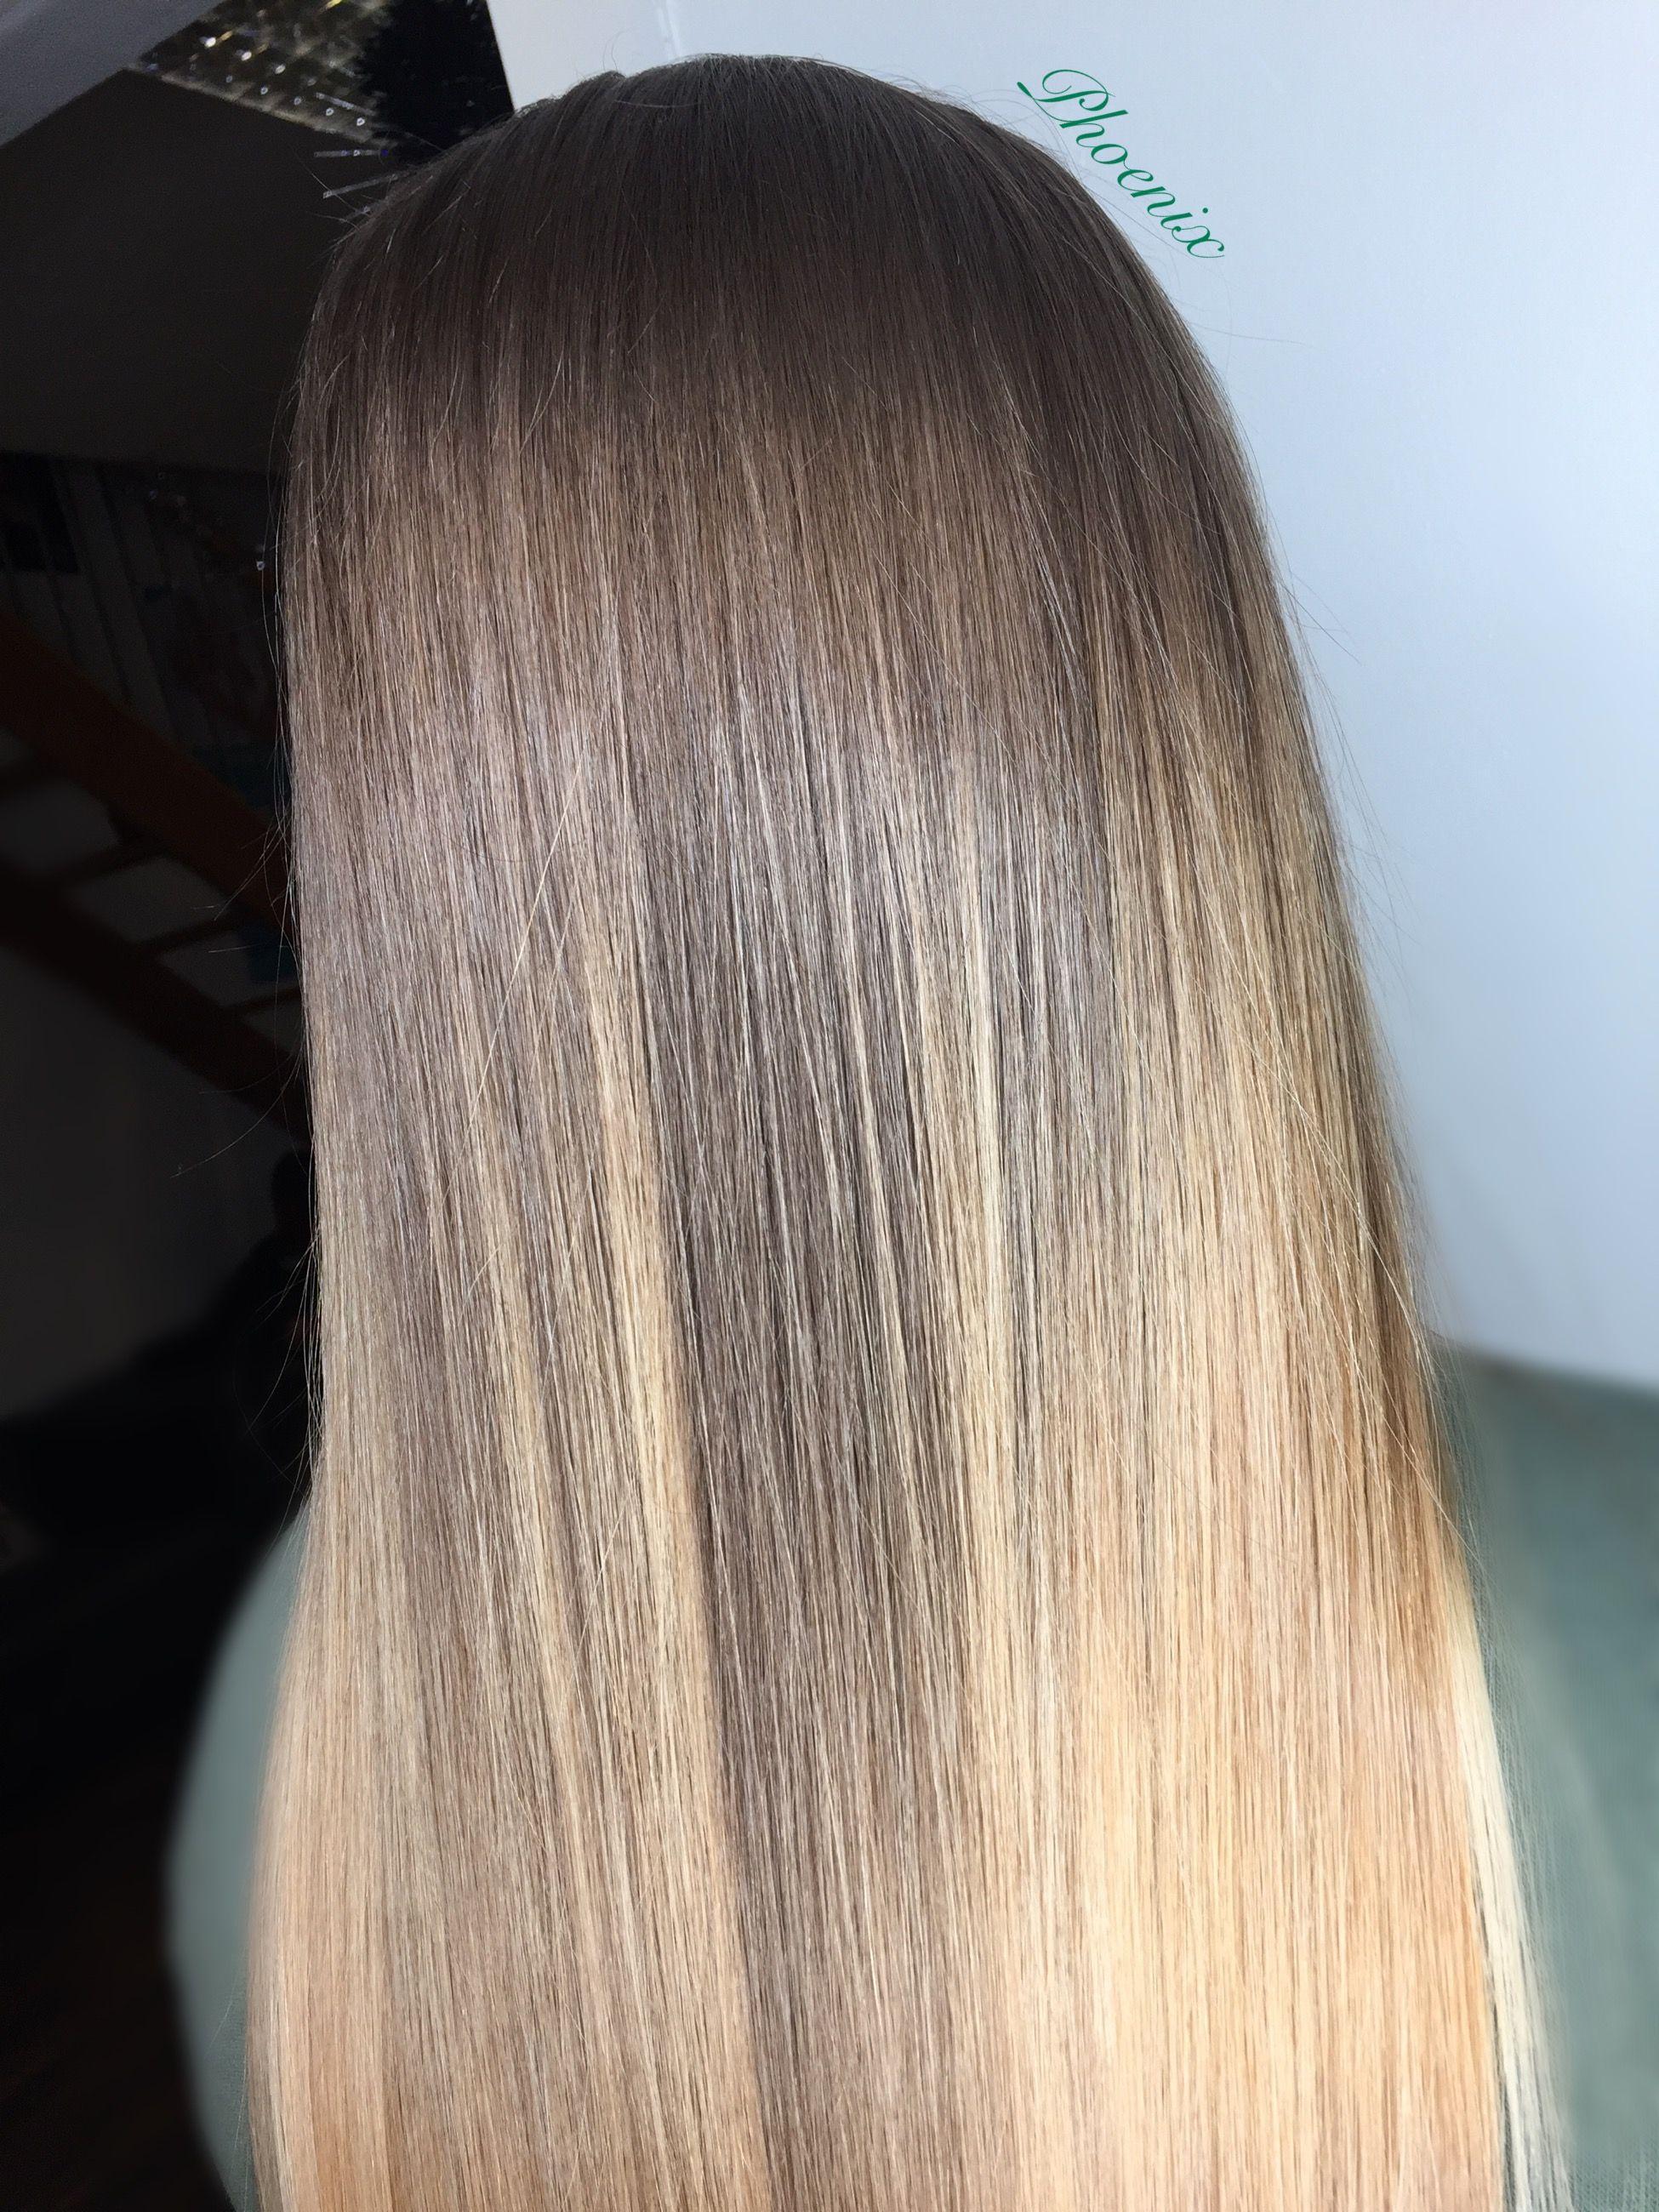 ombré Long hair Blonde hair Seamless grow out